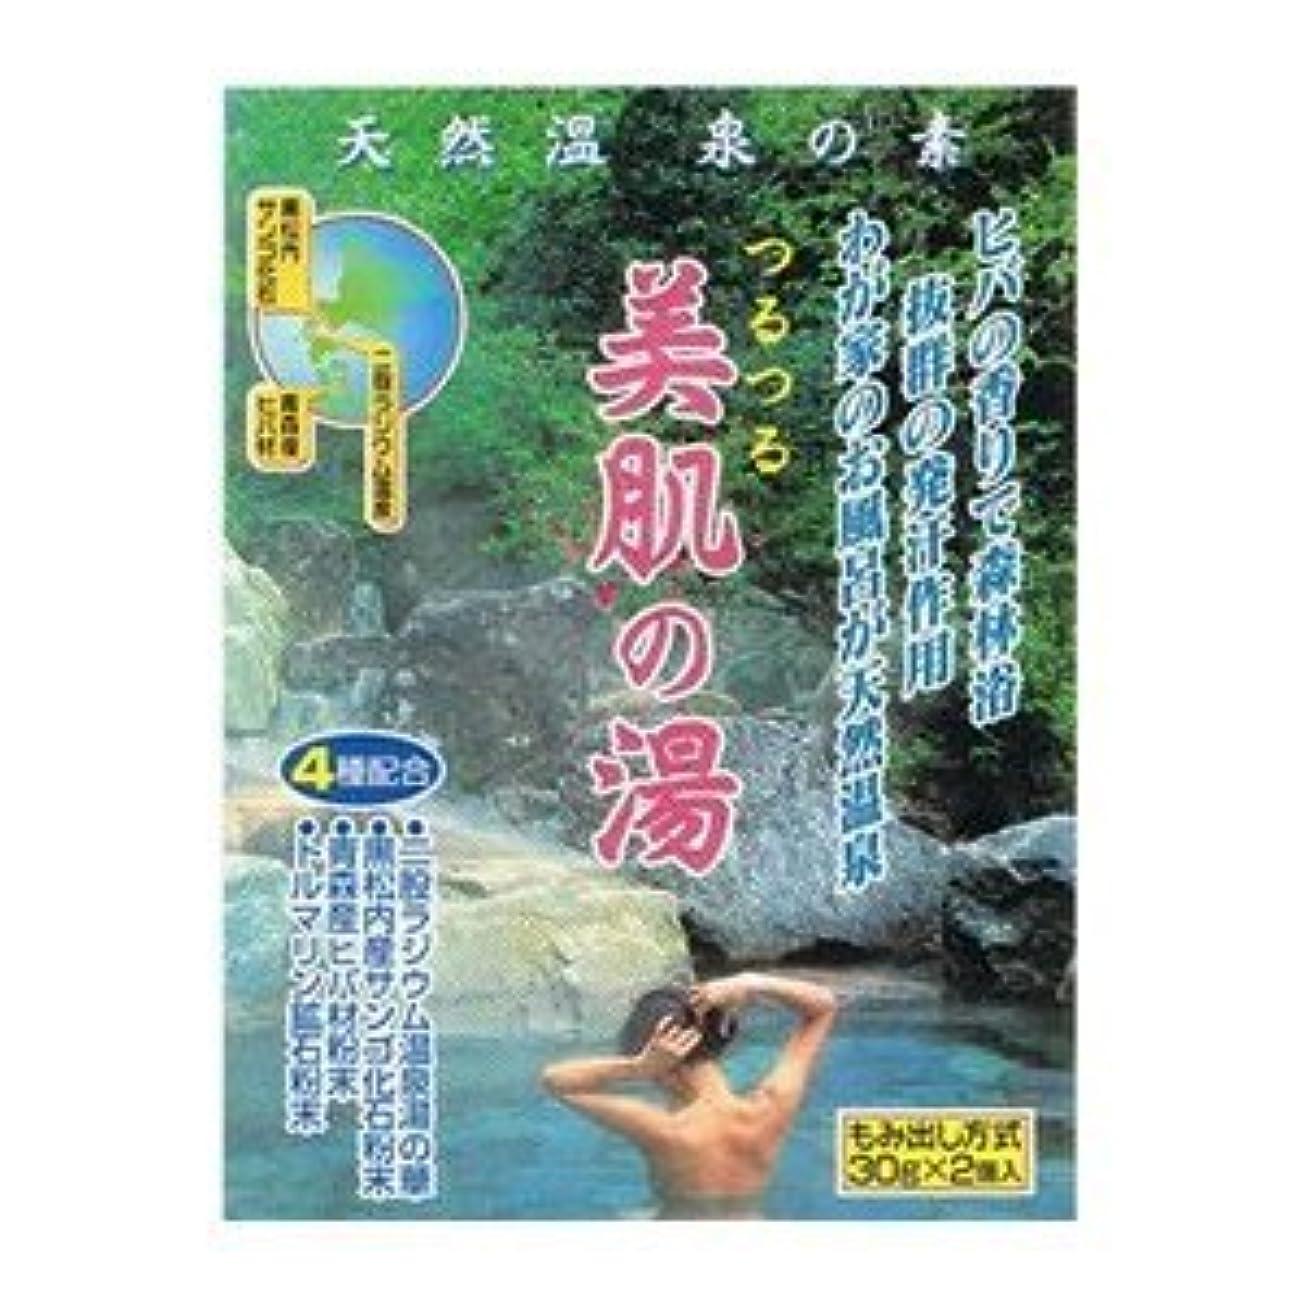 任命する宣言頼る天然温泉の素 美肌の湯 (30g×2個入)×12袋セット